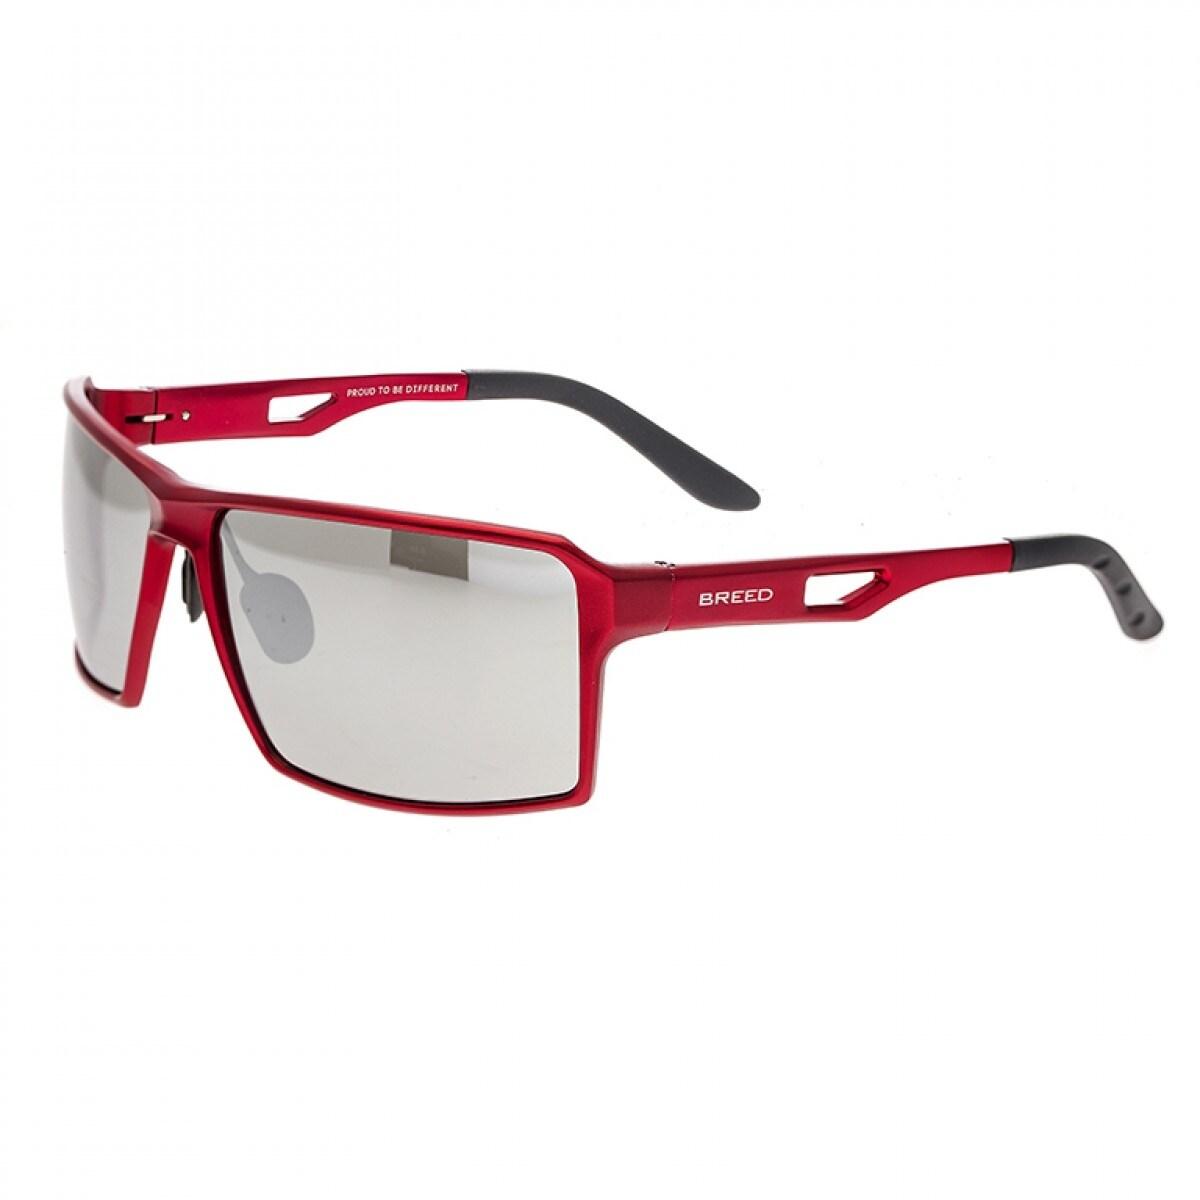 28af689a58 Breed Centaurus Men s Aluminium Sunglasses - 100% UVA UVB Prorection -  Polarized Mirrored Lens - Multi